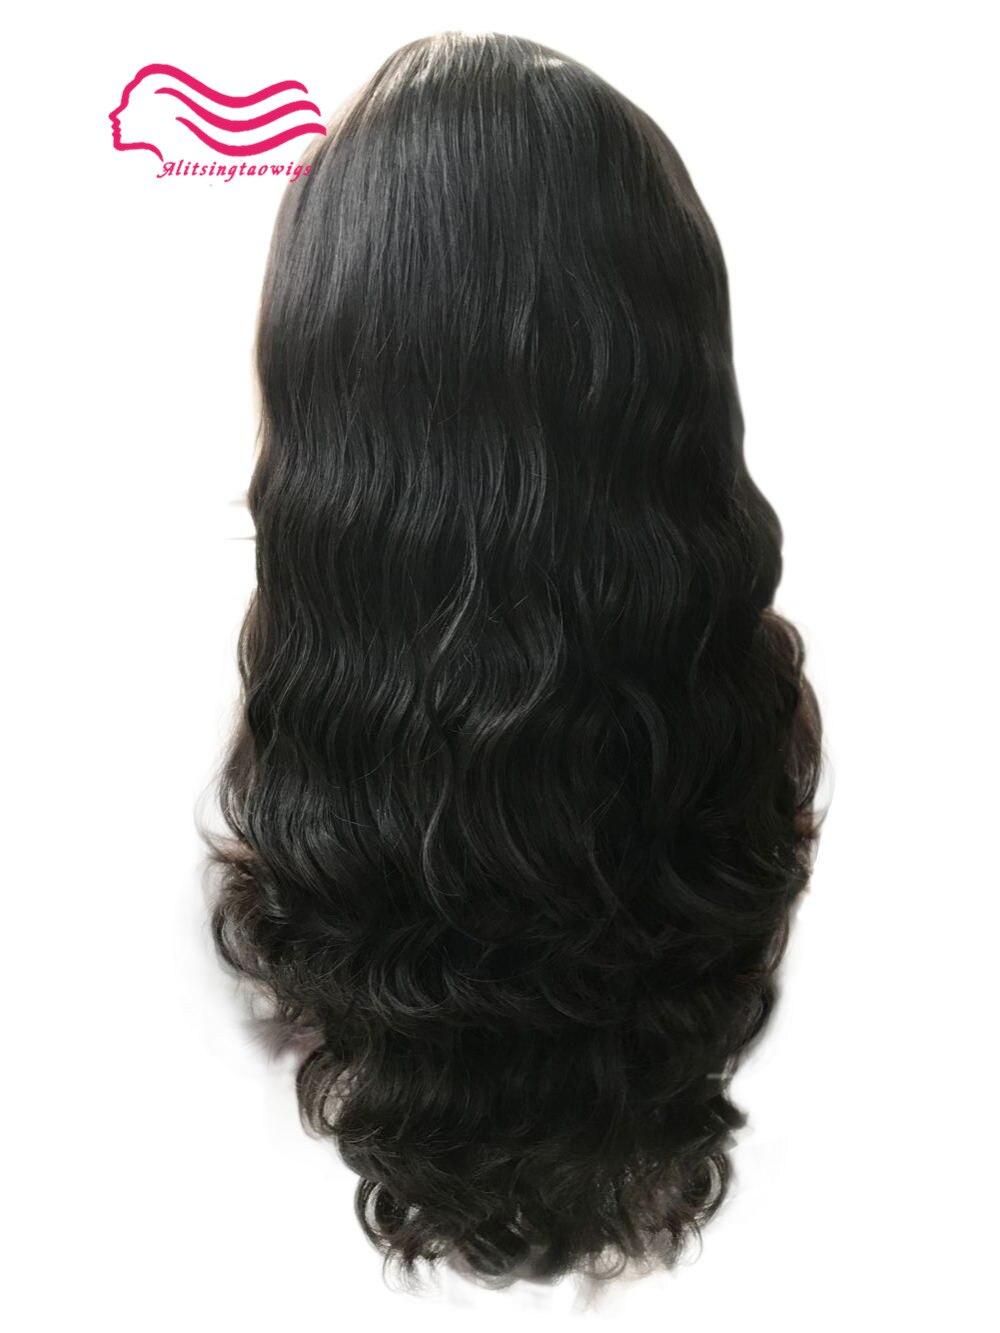 Top Européenne vierge cheveux légère vague perruque juive, top en soie casher perruque Meilleur Sheitels livraison gratuite